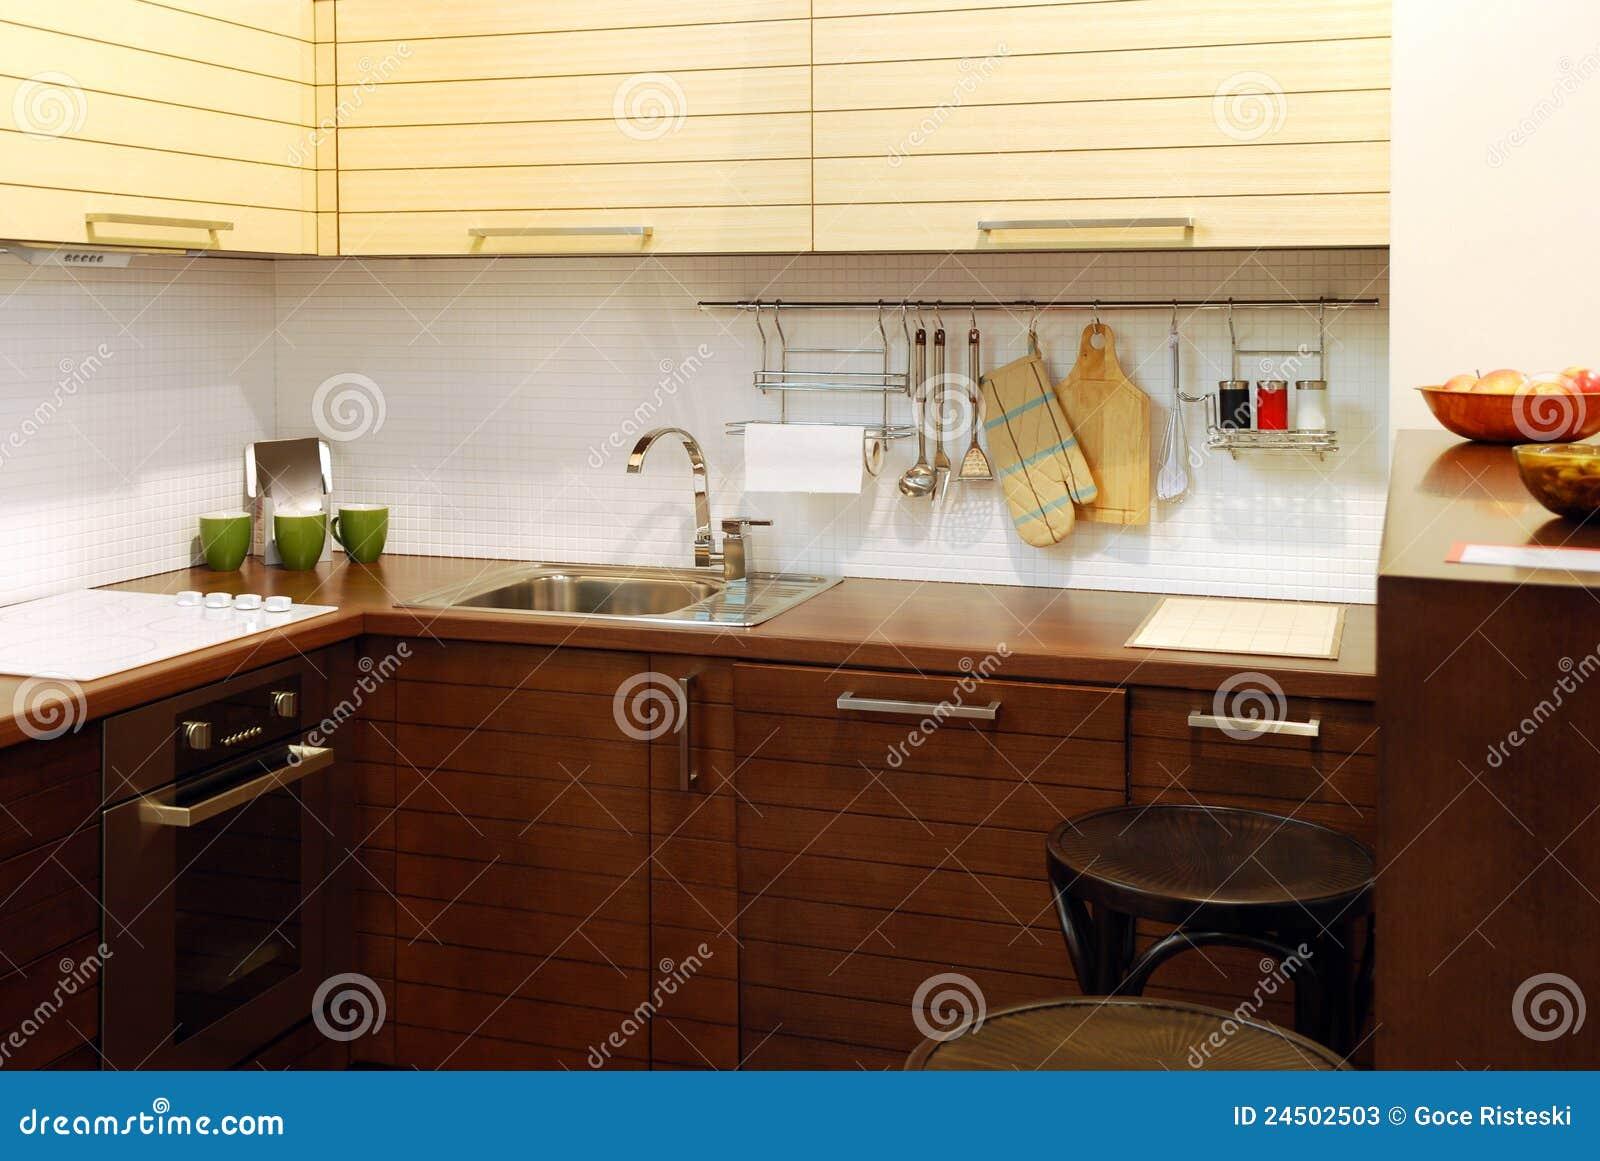 De houten bruine moderne keuken van de luxe royalty vrije stock ...